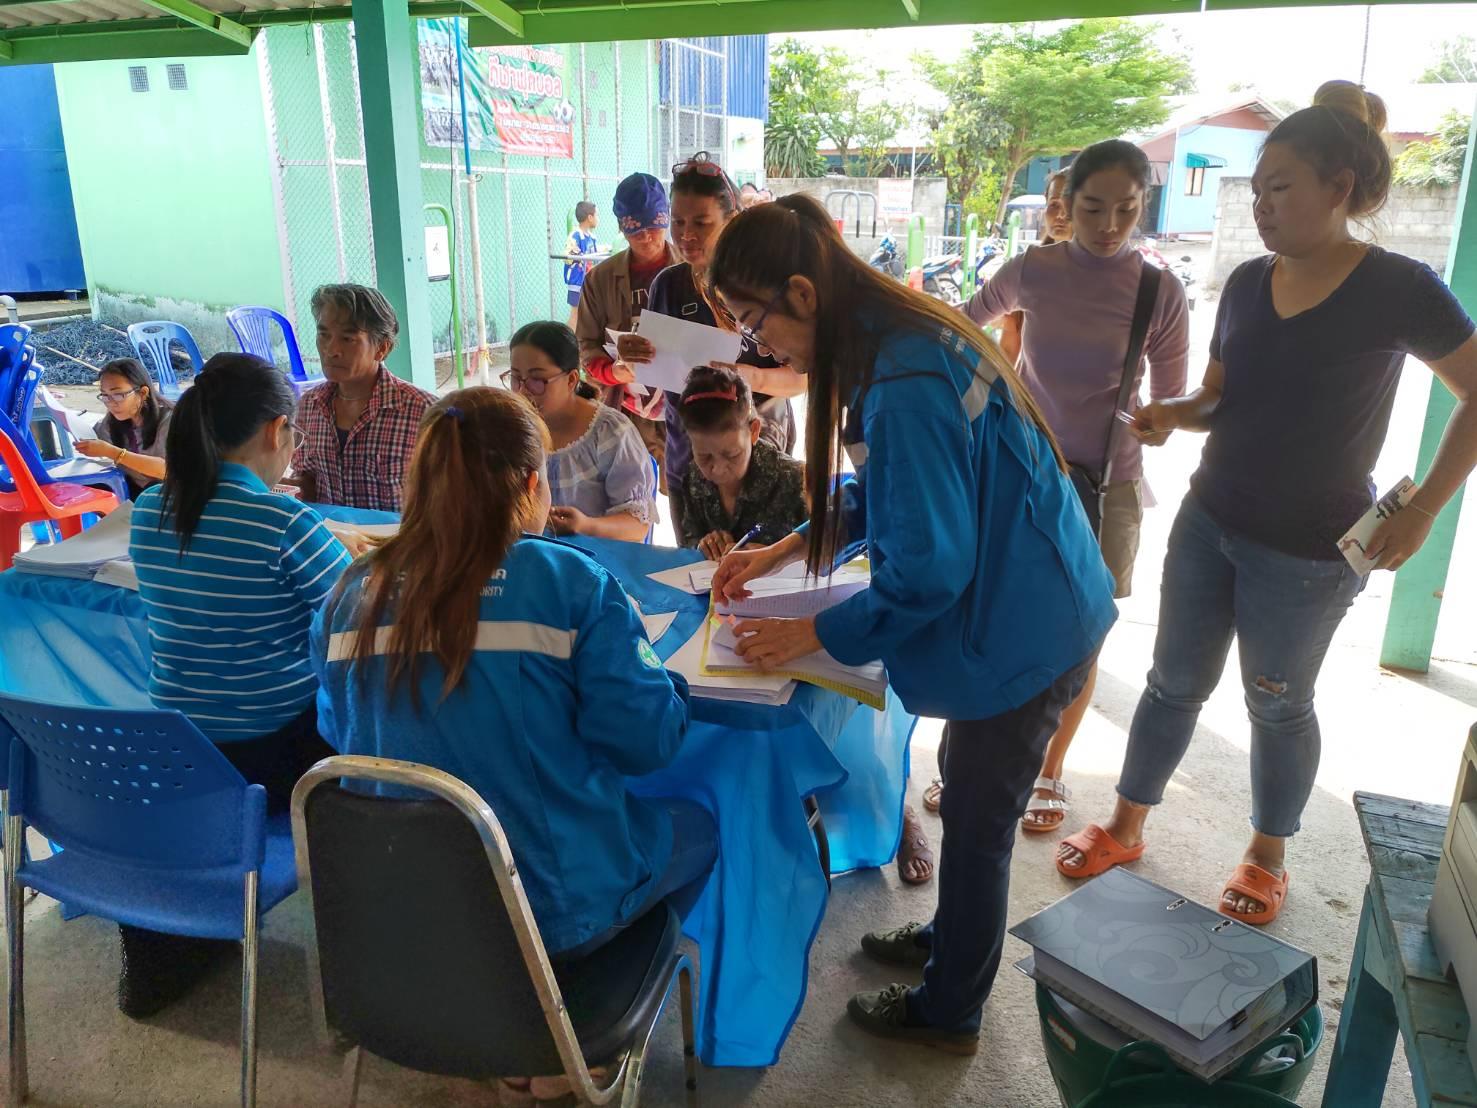 การประปาส่วนภูมิภาคสาขากบินทร์บุรี  ดำเนินกิจกรรมโครงการมุ่งมั่นเพื่อปวงชนเติมใจให้กัน (Home Care)